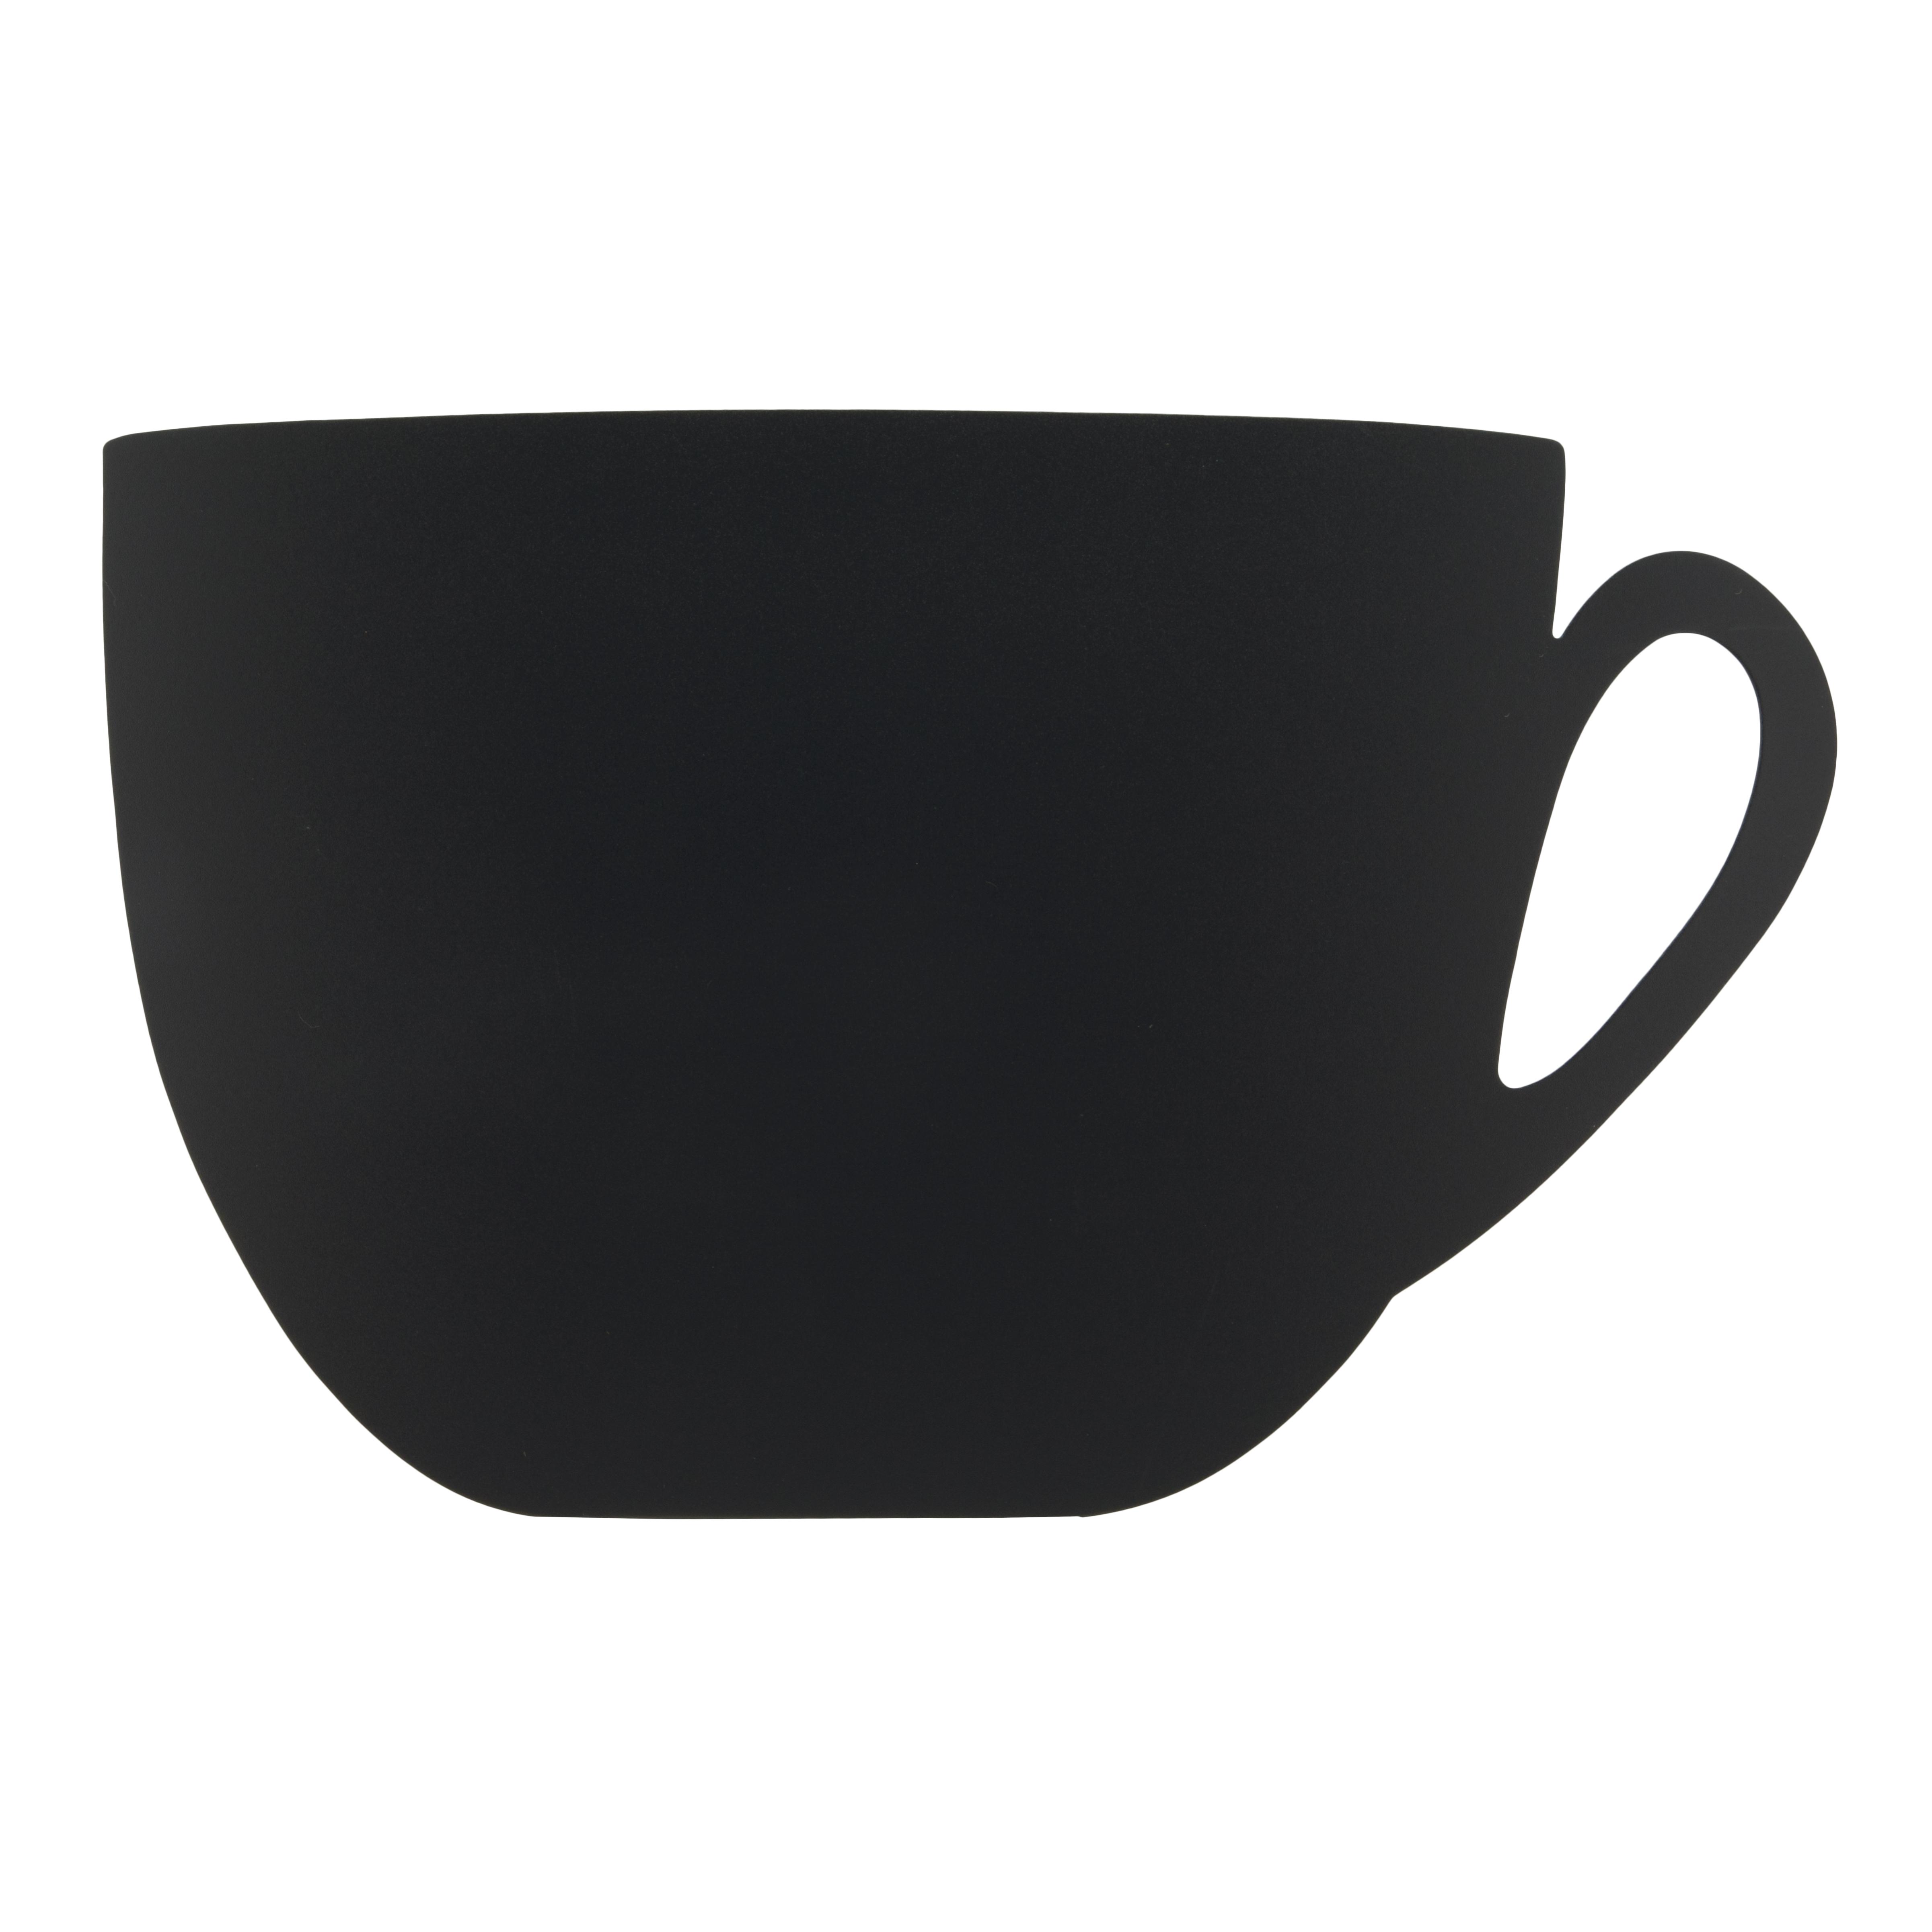 CUP WALL CHALKBOARD & CHALKMARKER